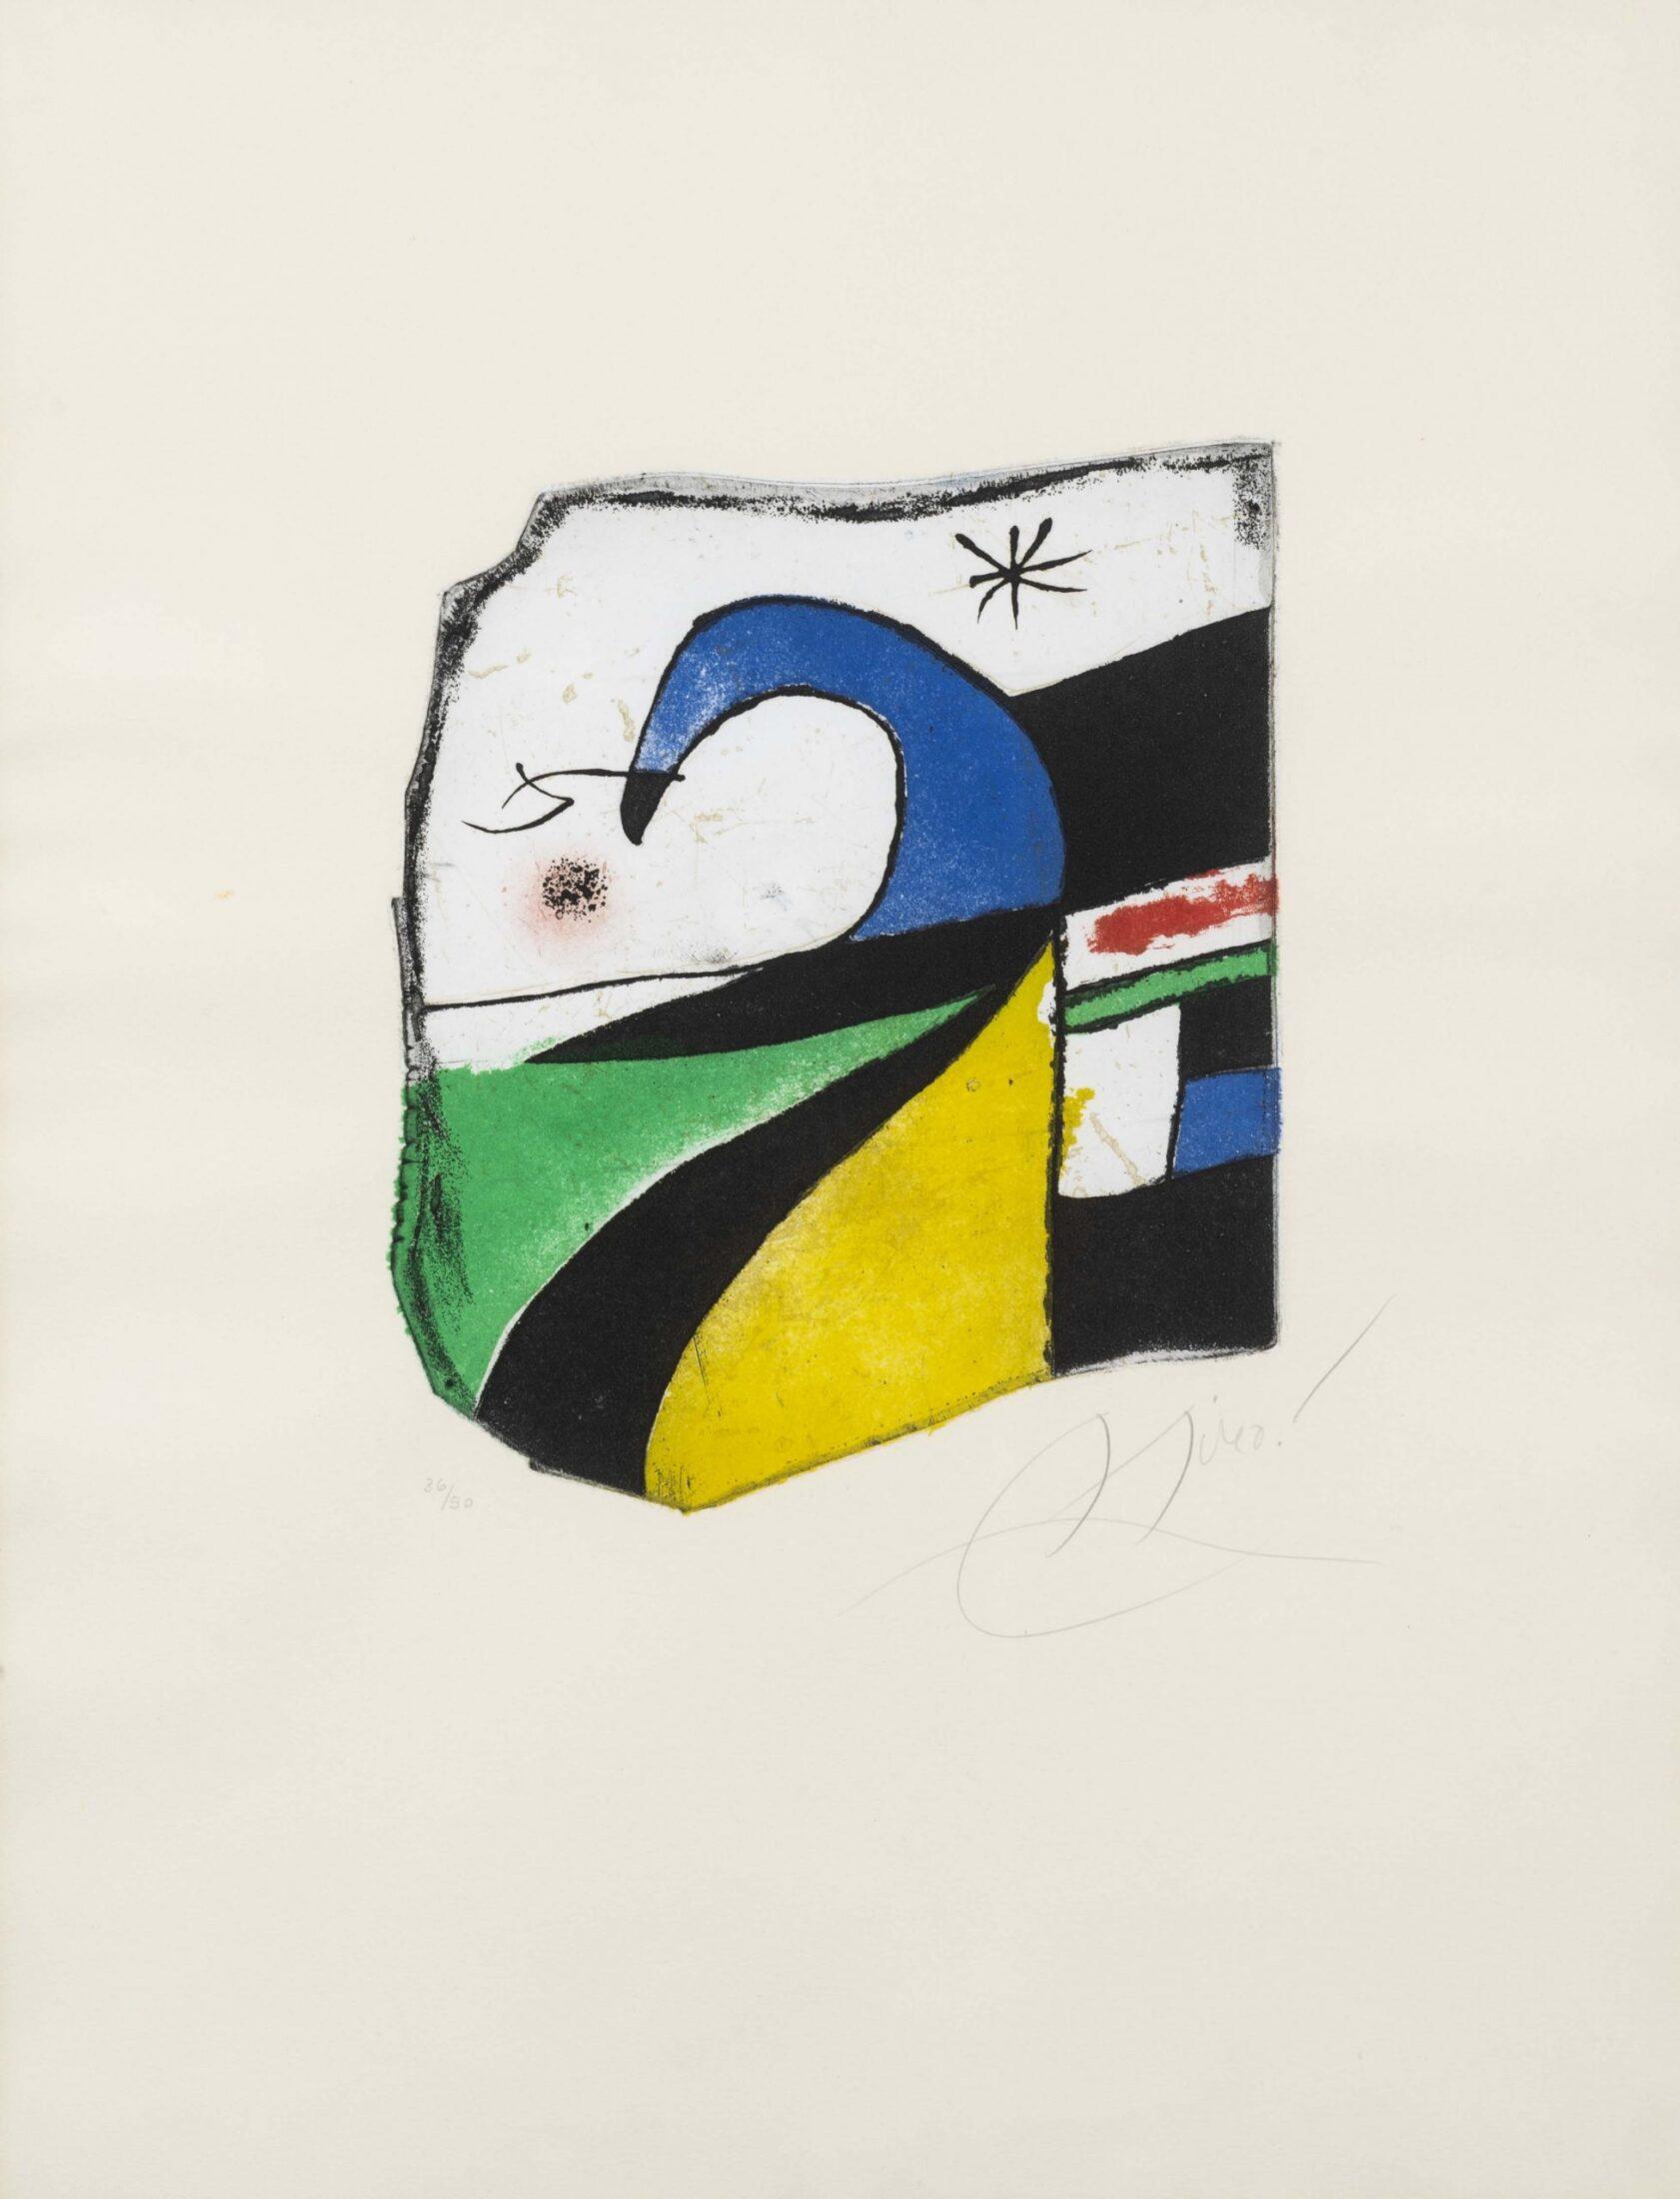 Joan Miró. Gaudí X, 1979